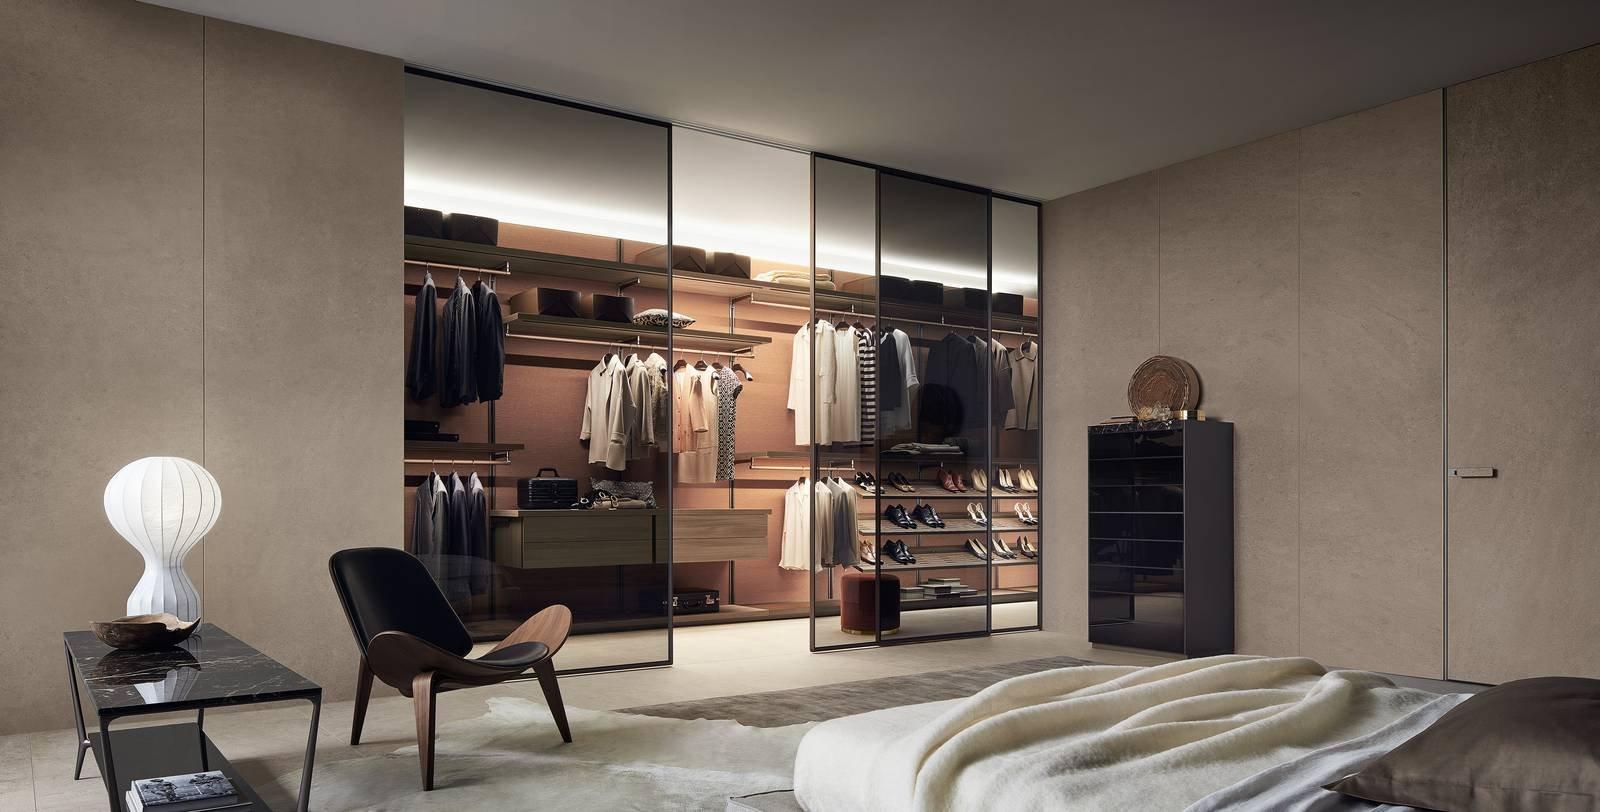 Arredare la casa dal soggiorno alla camera con mobili e - Camera soggiorno ...